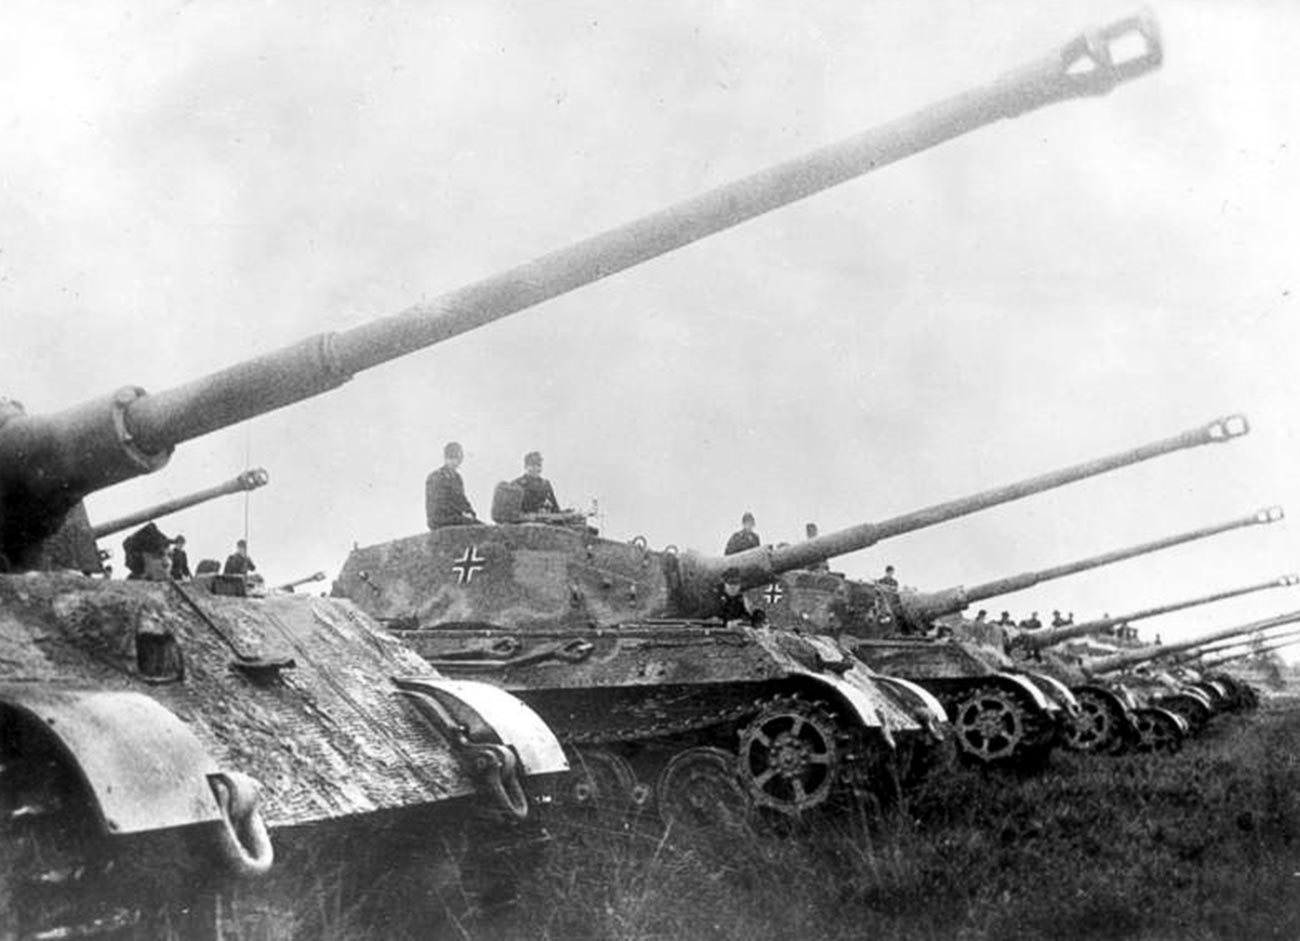 Njemački teški tenkovi Pancer VI Tigar bili su masovno korišteni u borbama i napuštani pri povlačenju.